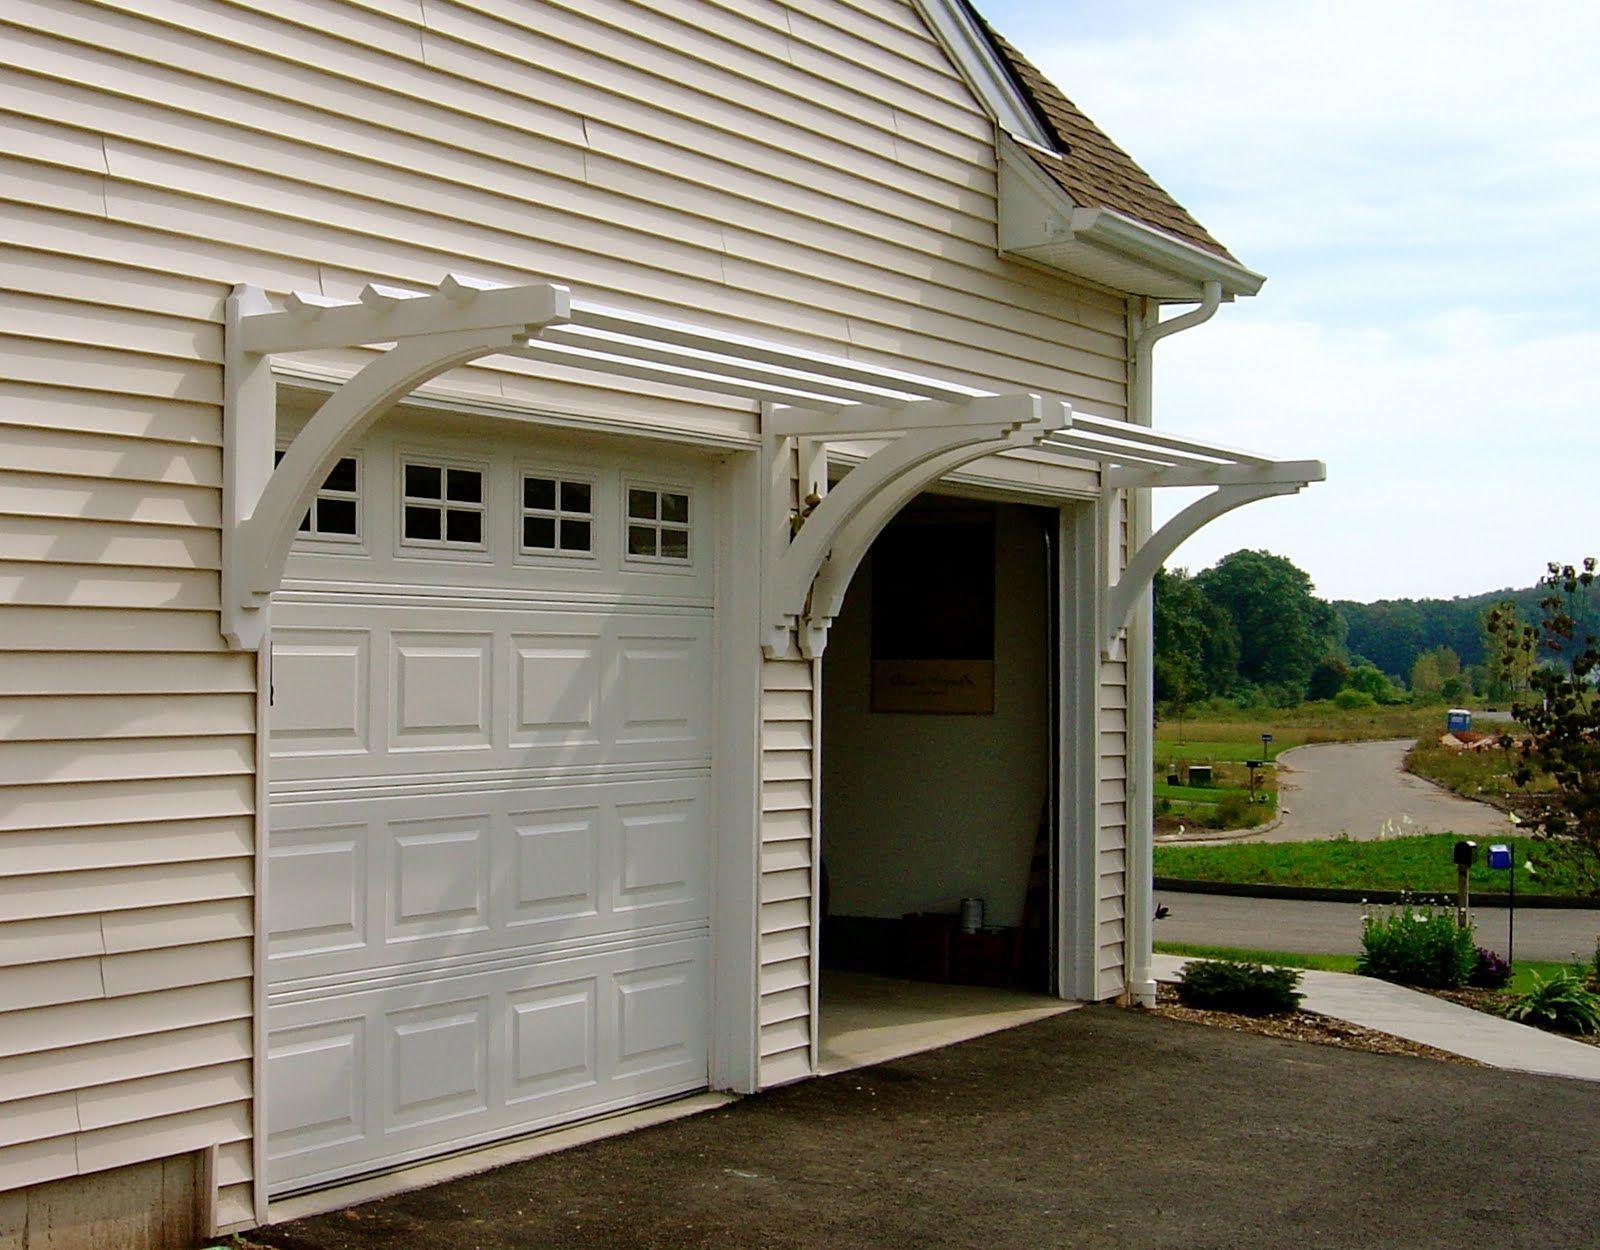 Wood Trellis Over Garage Door In 2020 With Images Door Pergola Garage Trellis Garage Door Trellis